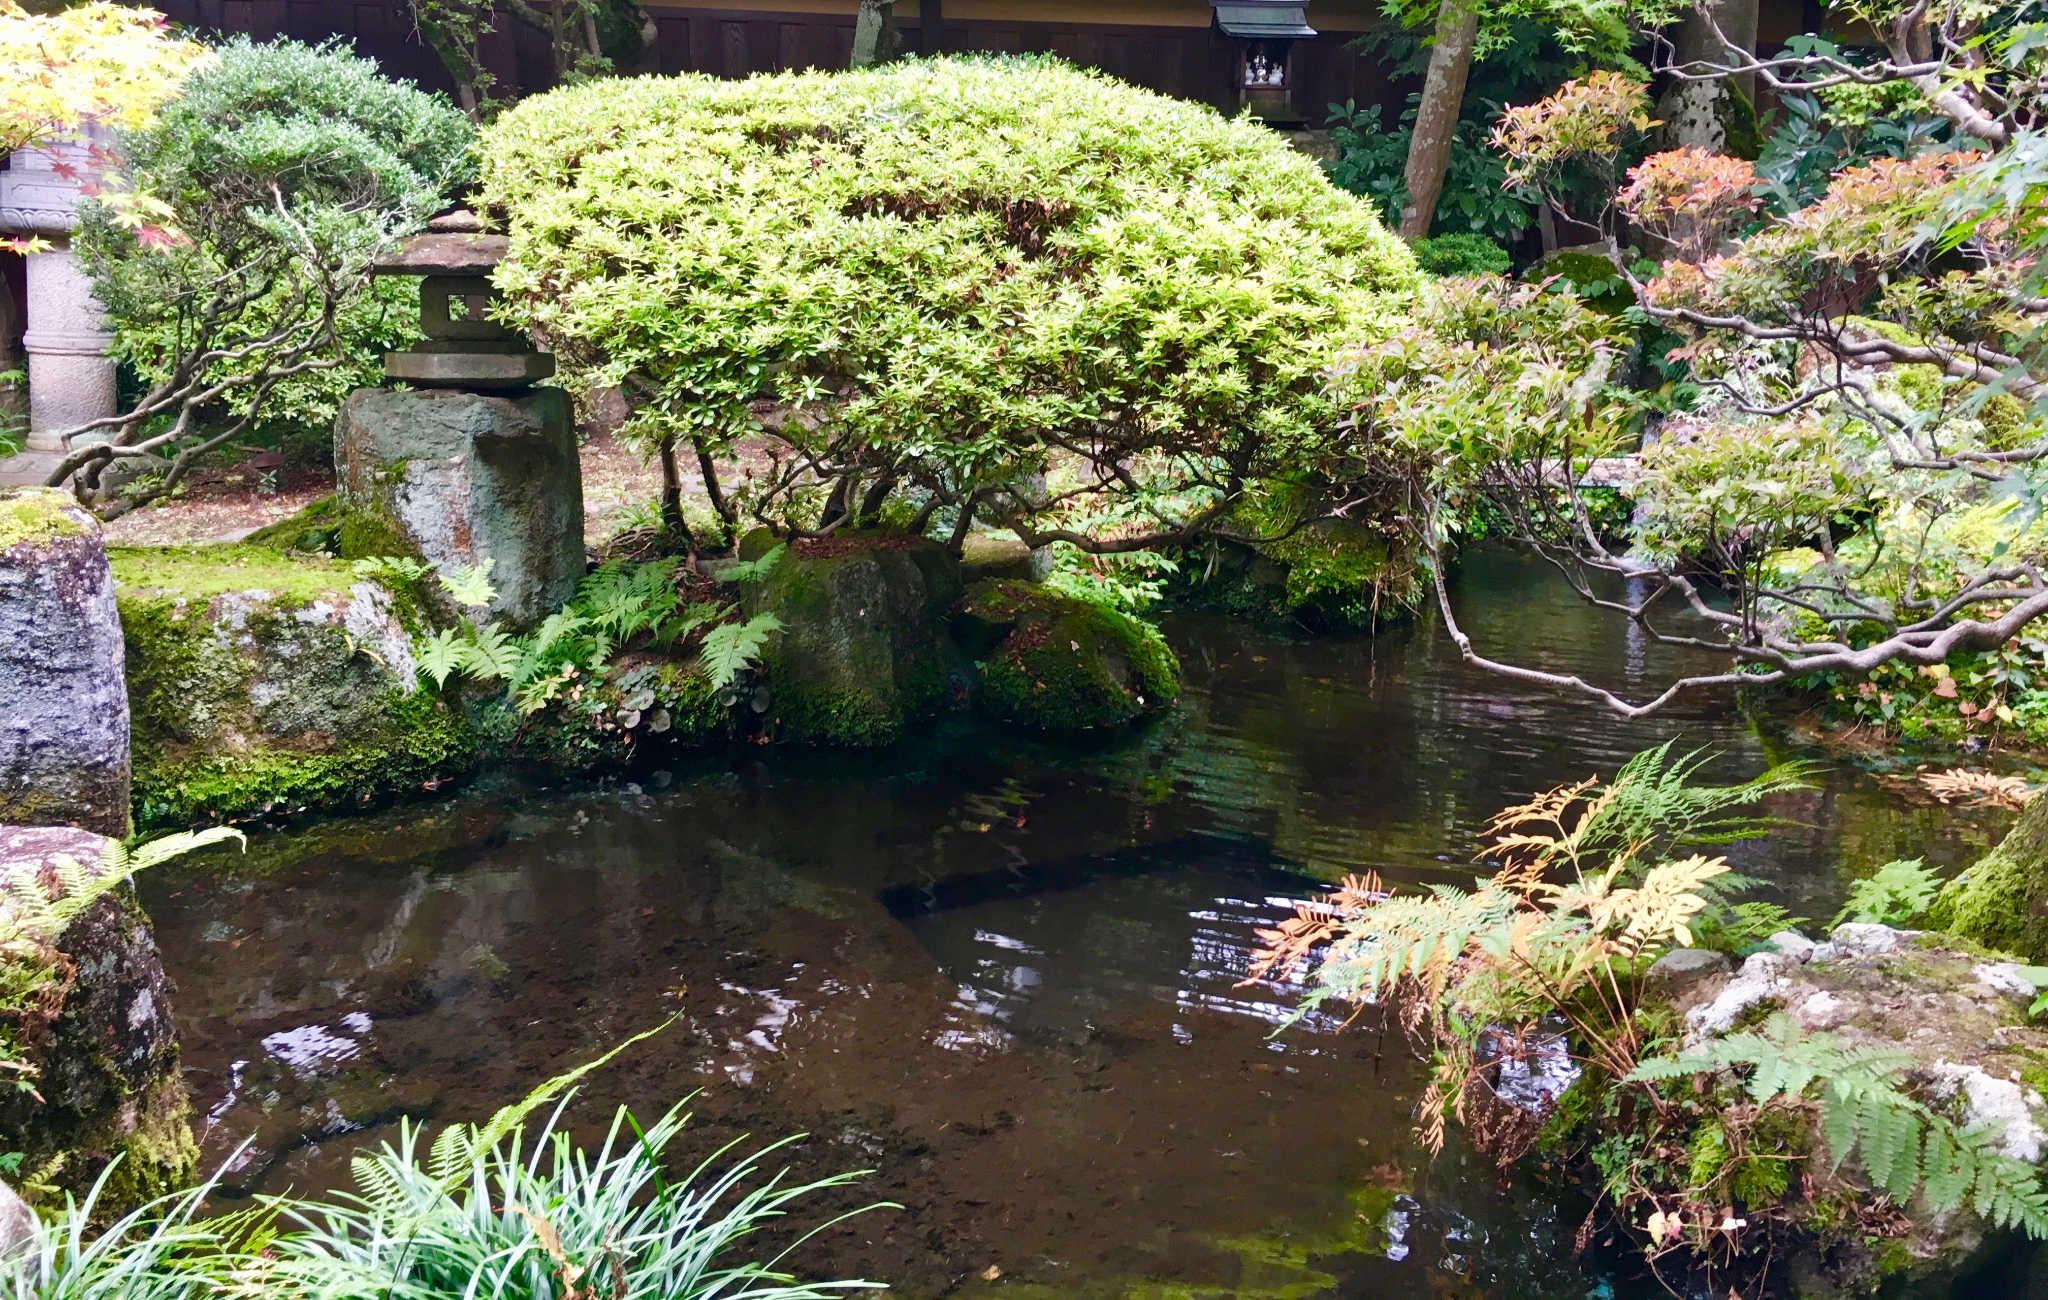 Jardin japonais avec une énorme azalée de plus de 300 ans